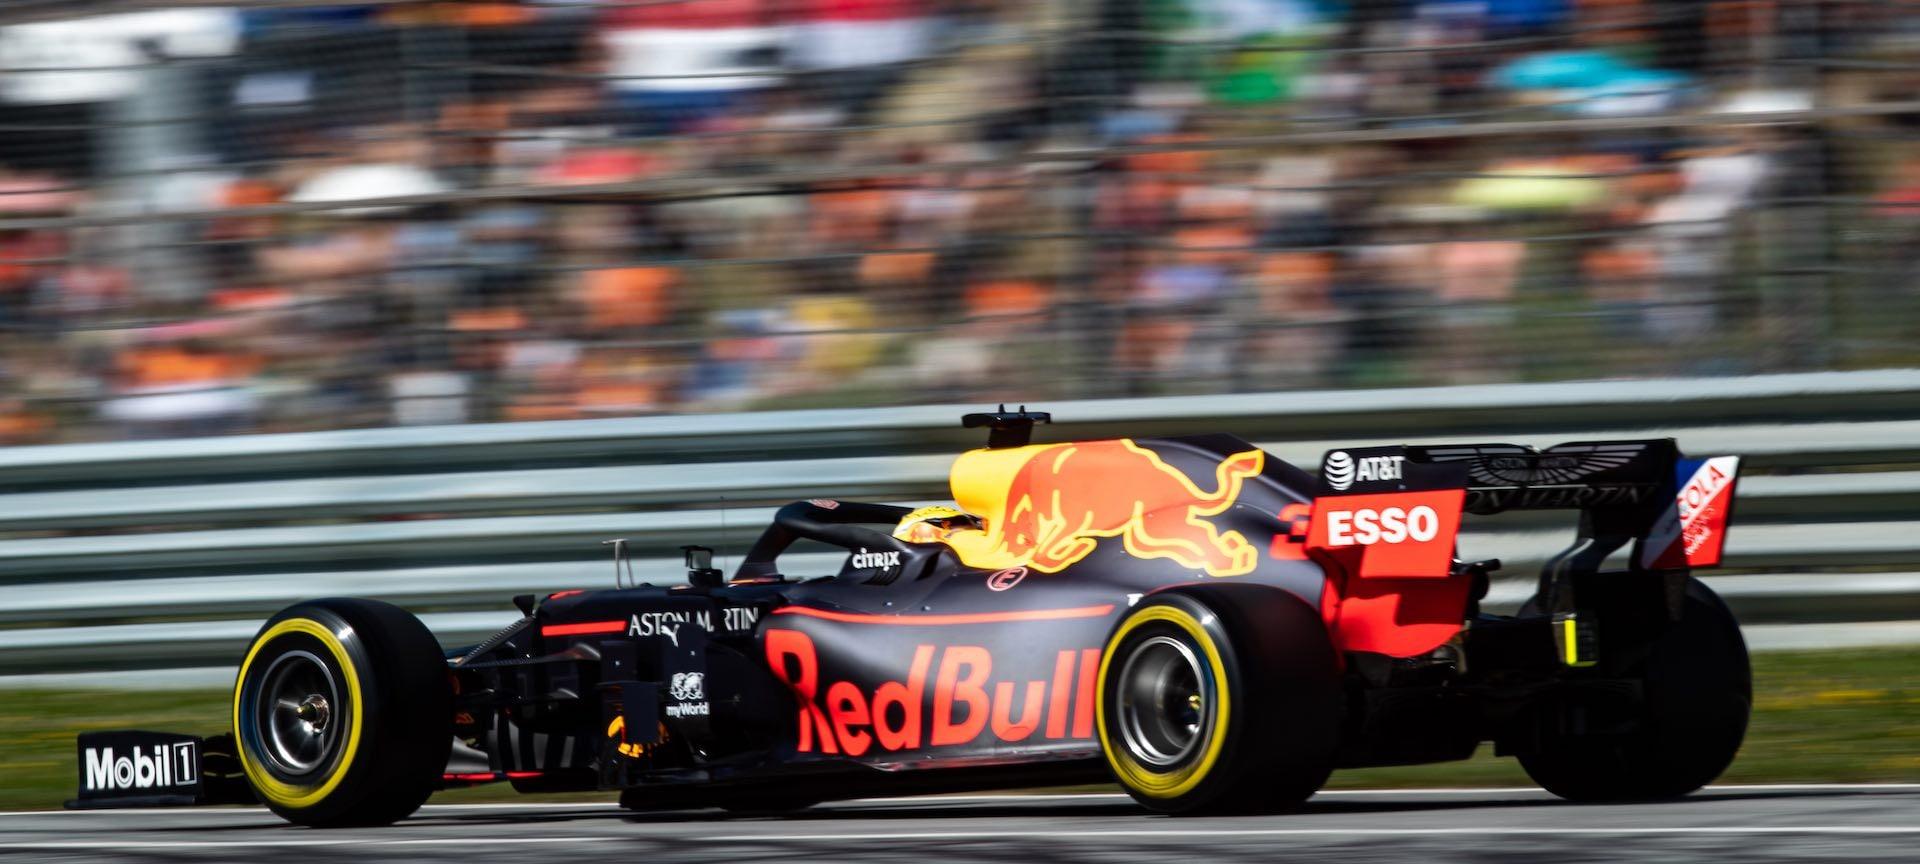 Aston Martin Red Bull Racing Ibm